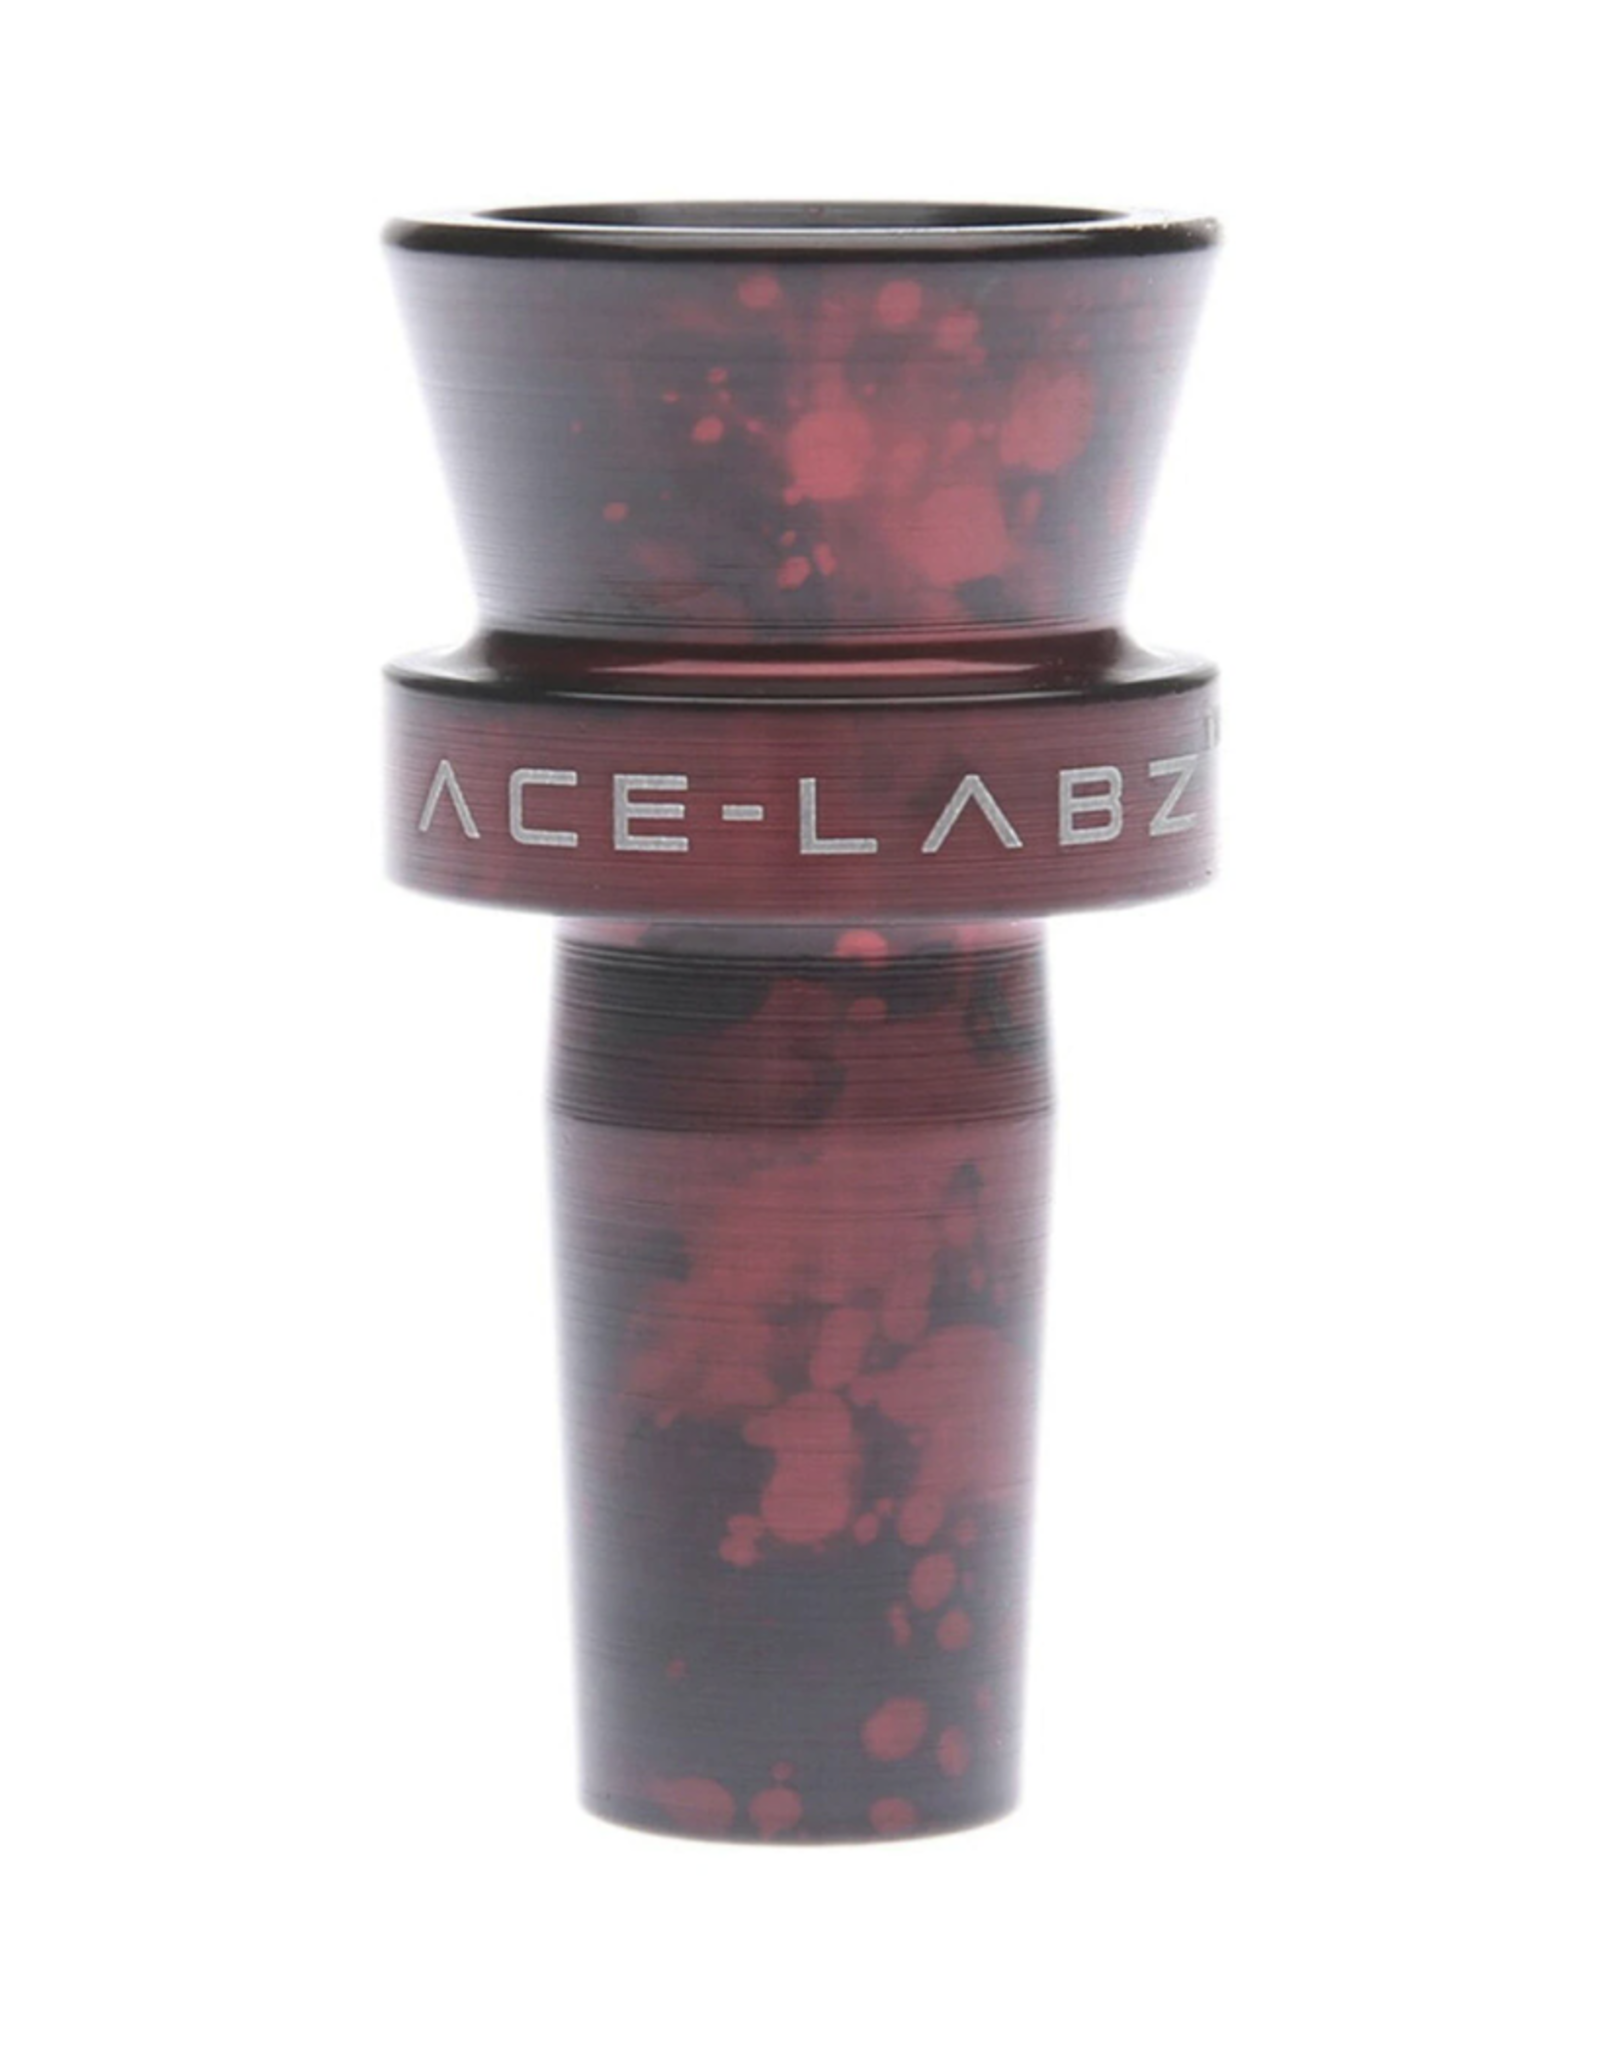 14mm Titan Bowl by Ace-Labz